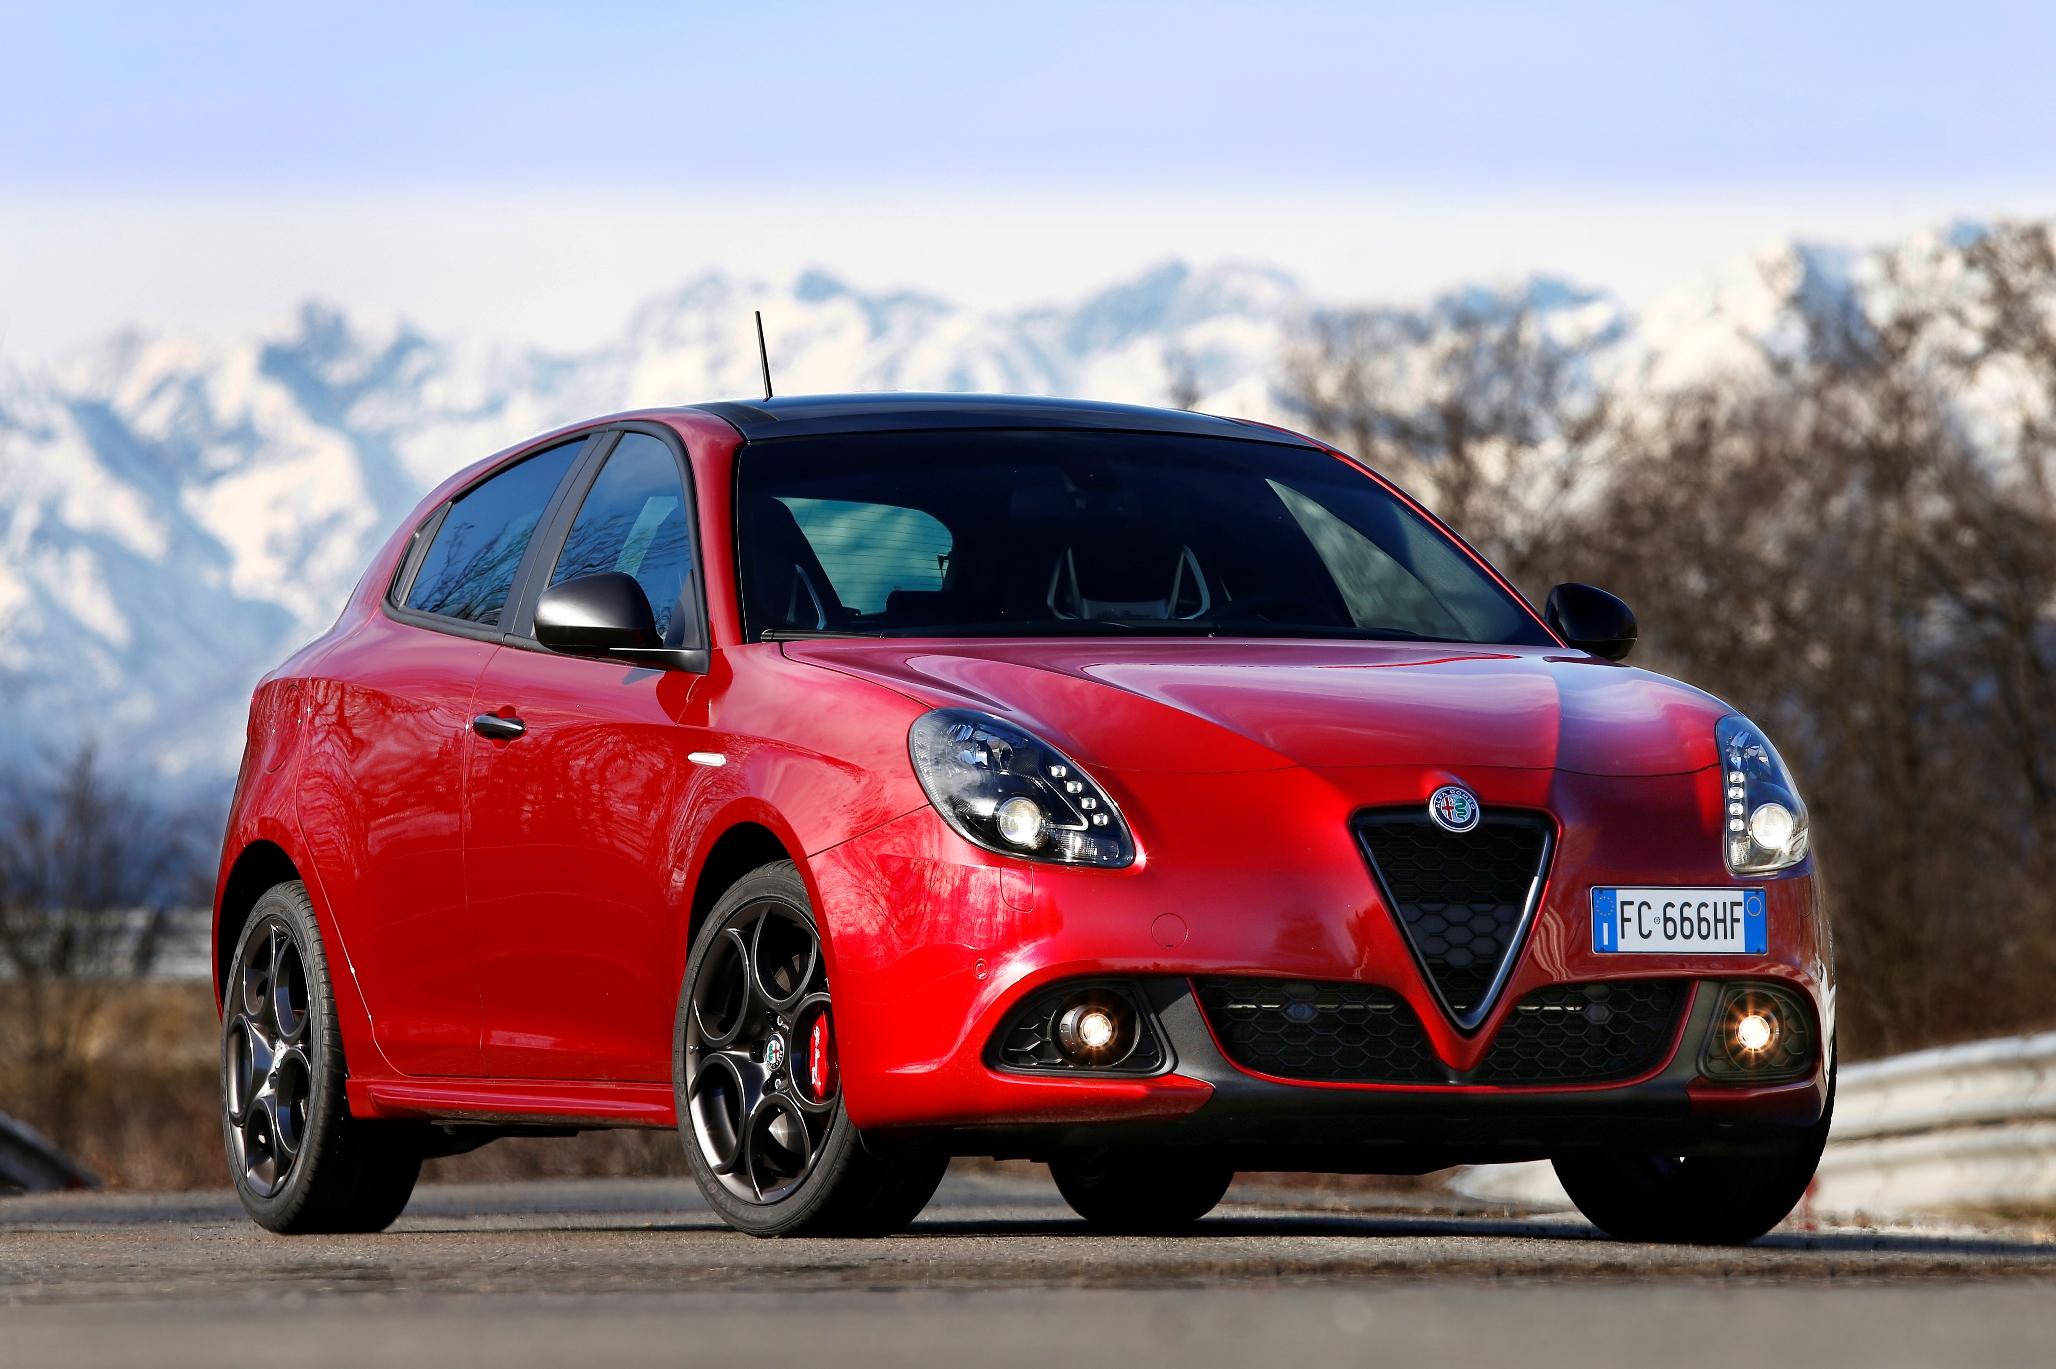 Alfa Romeo Giulietta Aralıkta Hem ÖTV Farksız Hem Yüzde 0 Faizli